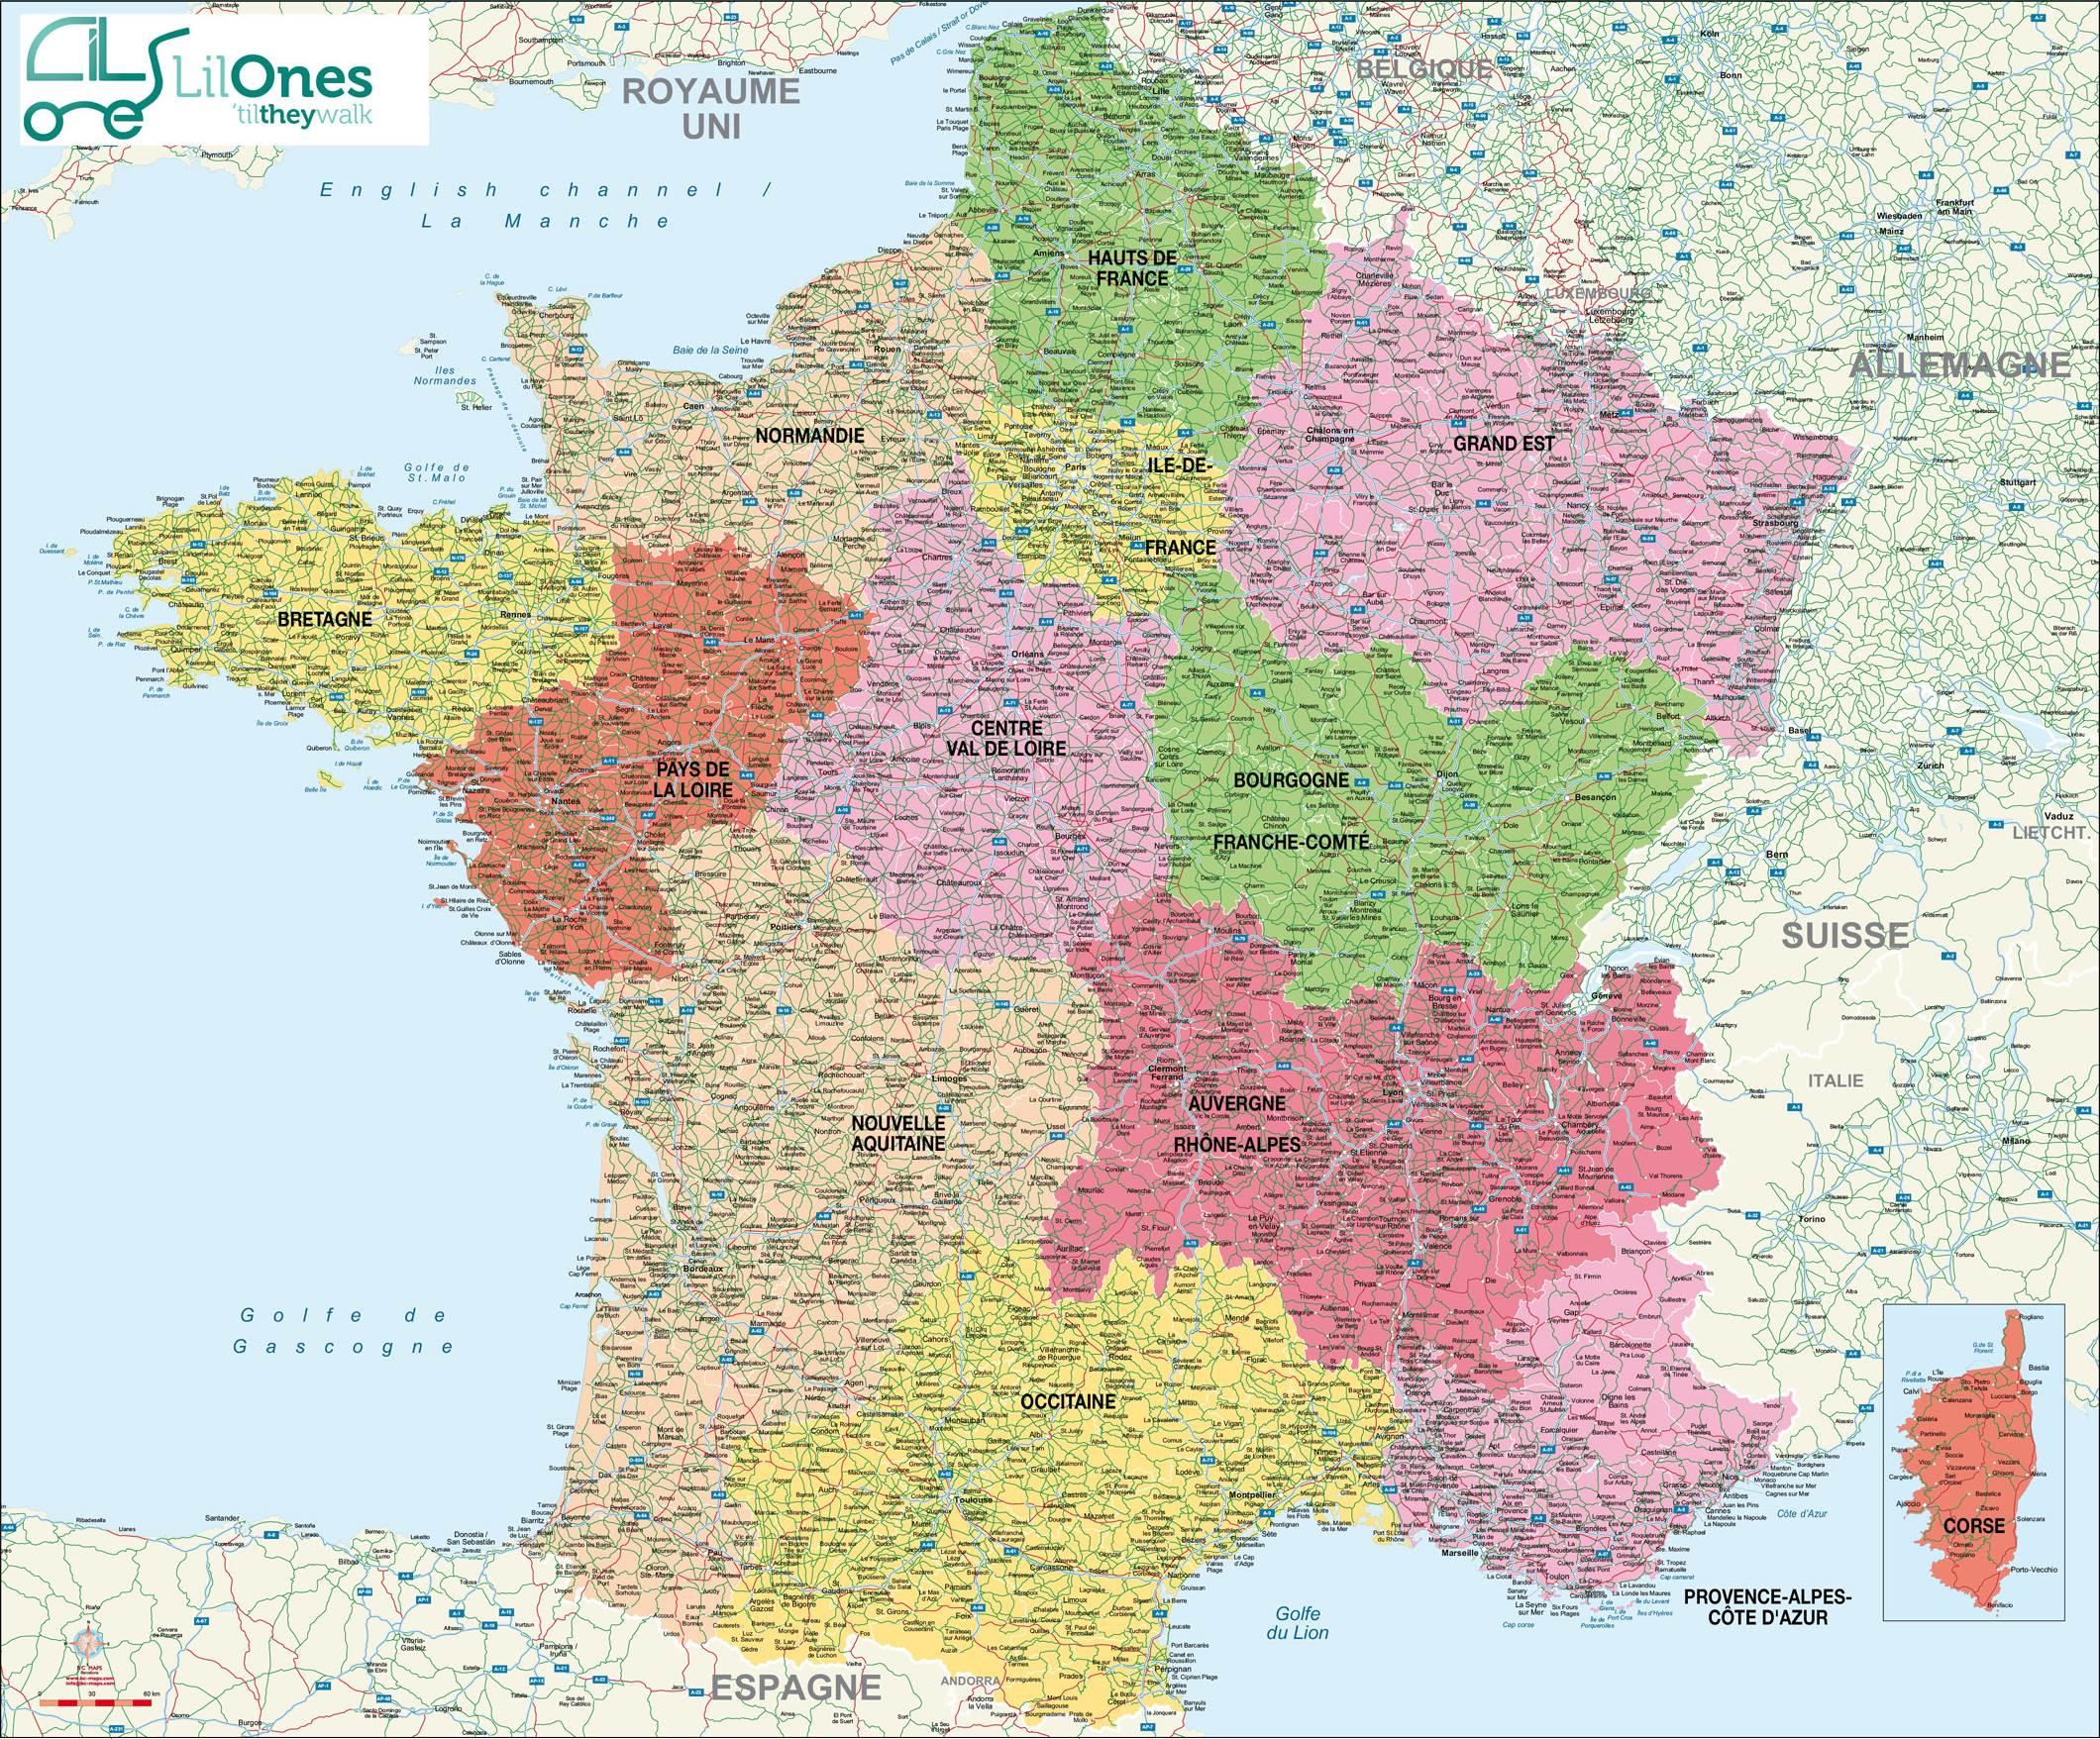 Carte France Villes : Carte Des Villes De France tout Carte De France Avec Villes Et Départements